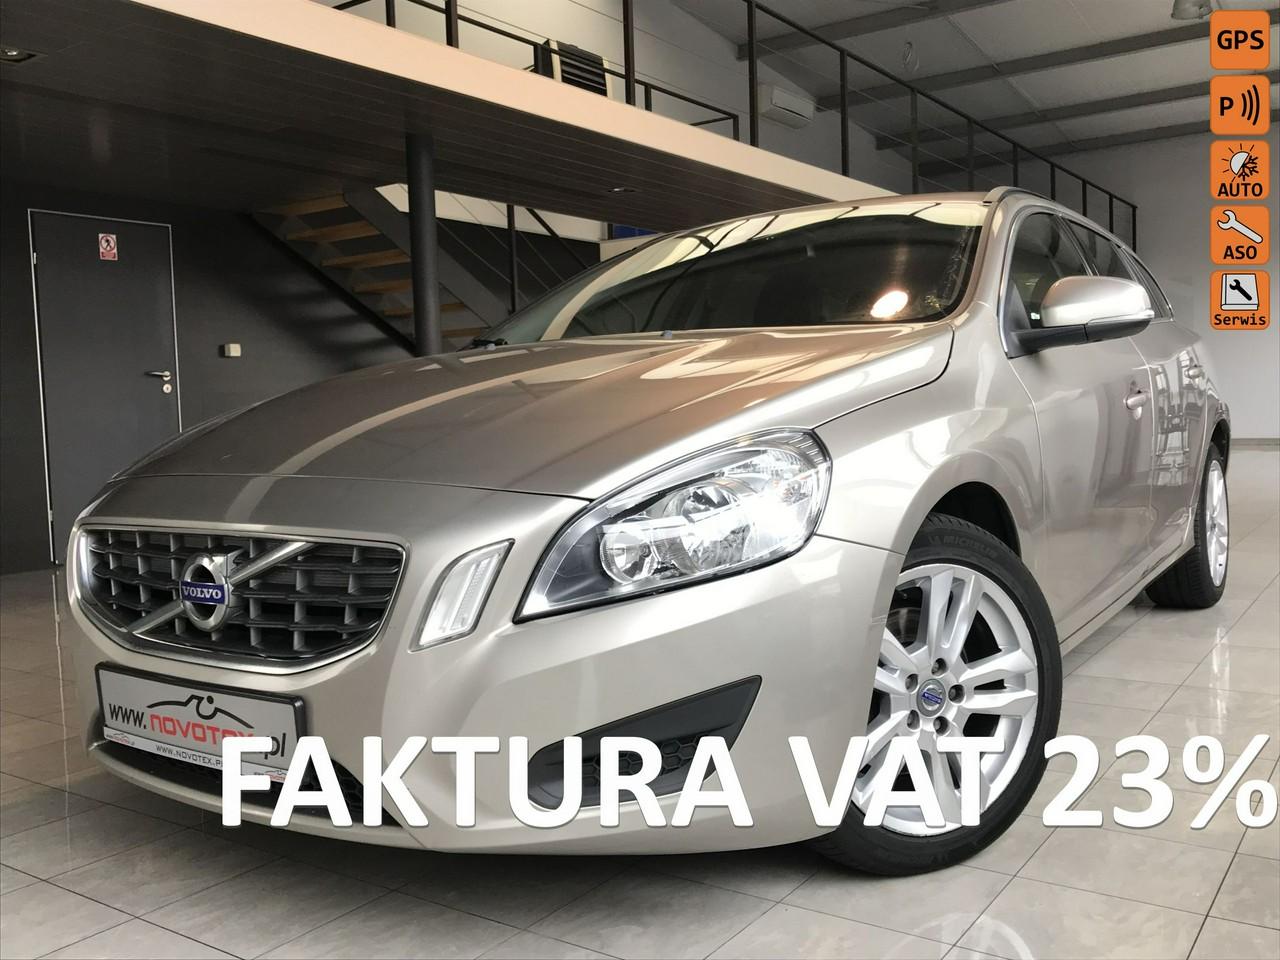 Volvo V60 D4*Momentum*181KM*navi*ALU 18*nowe opony*serwis w ASO*Gwarancja VIP